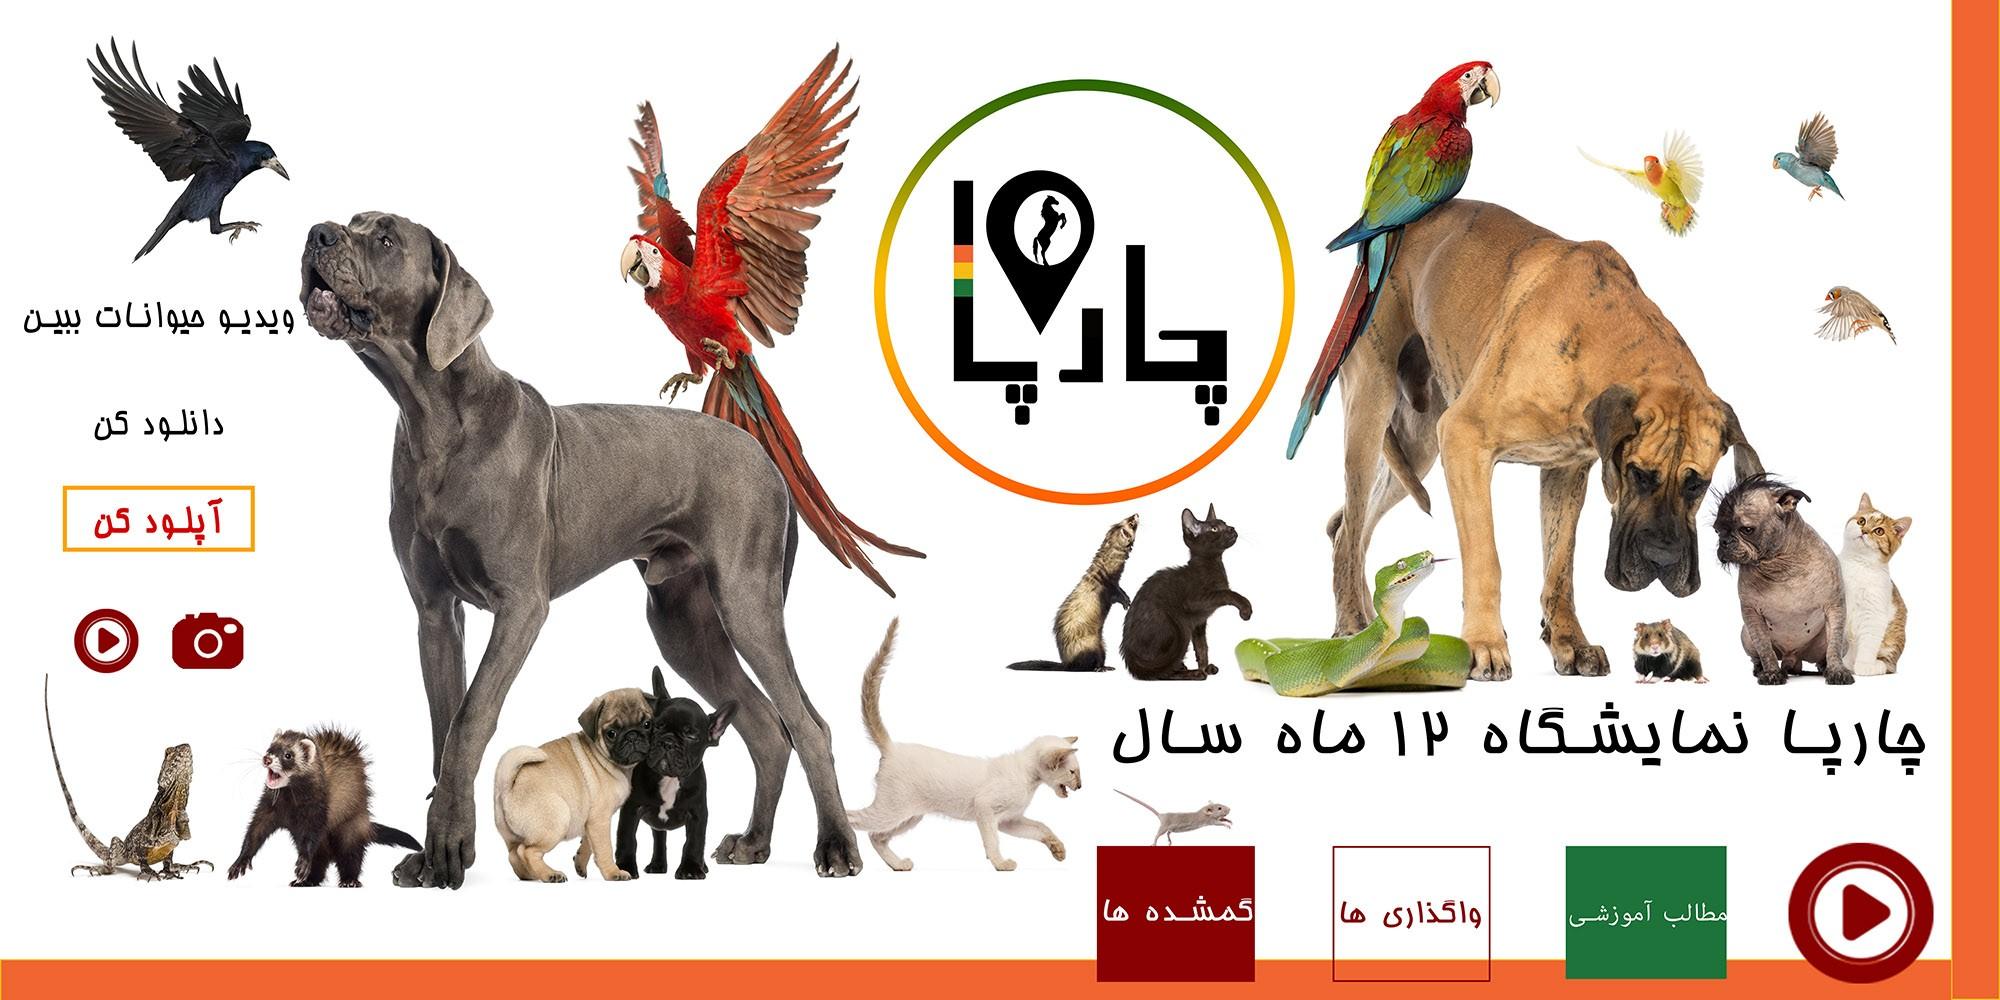 چارپا در خرید و فروش حیوانات در وب سایت های مطرح کشور های توسعه یافته